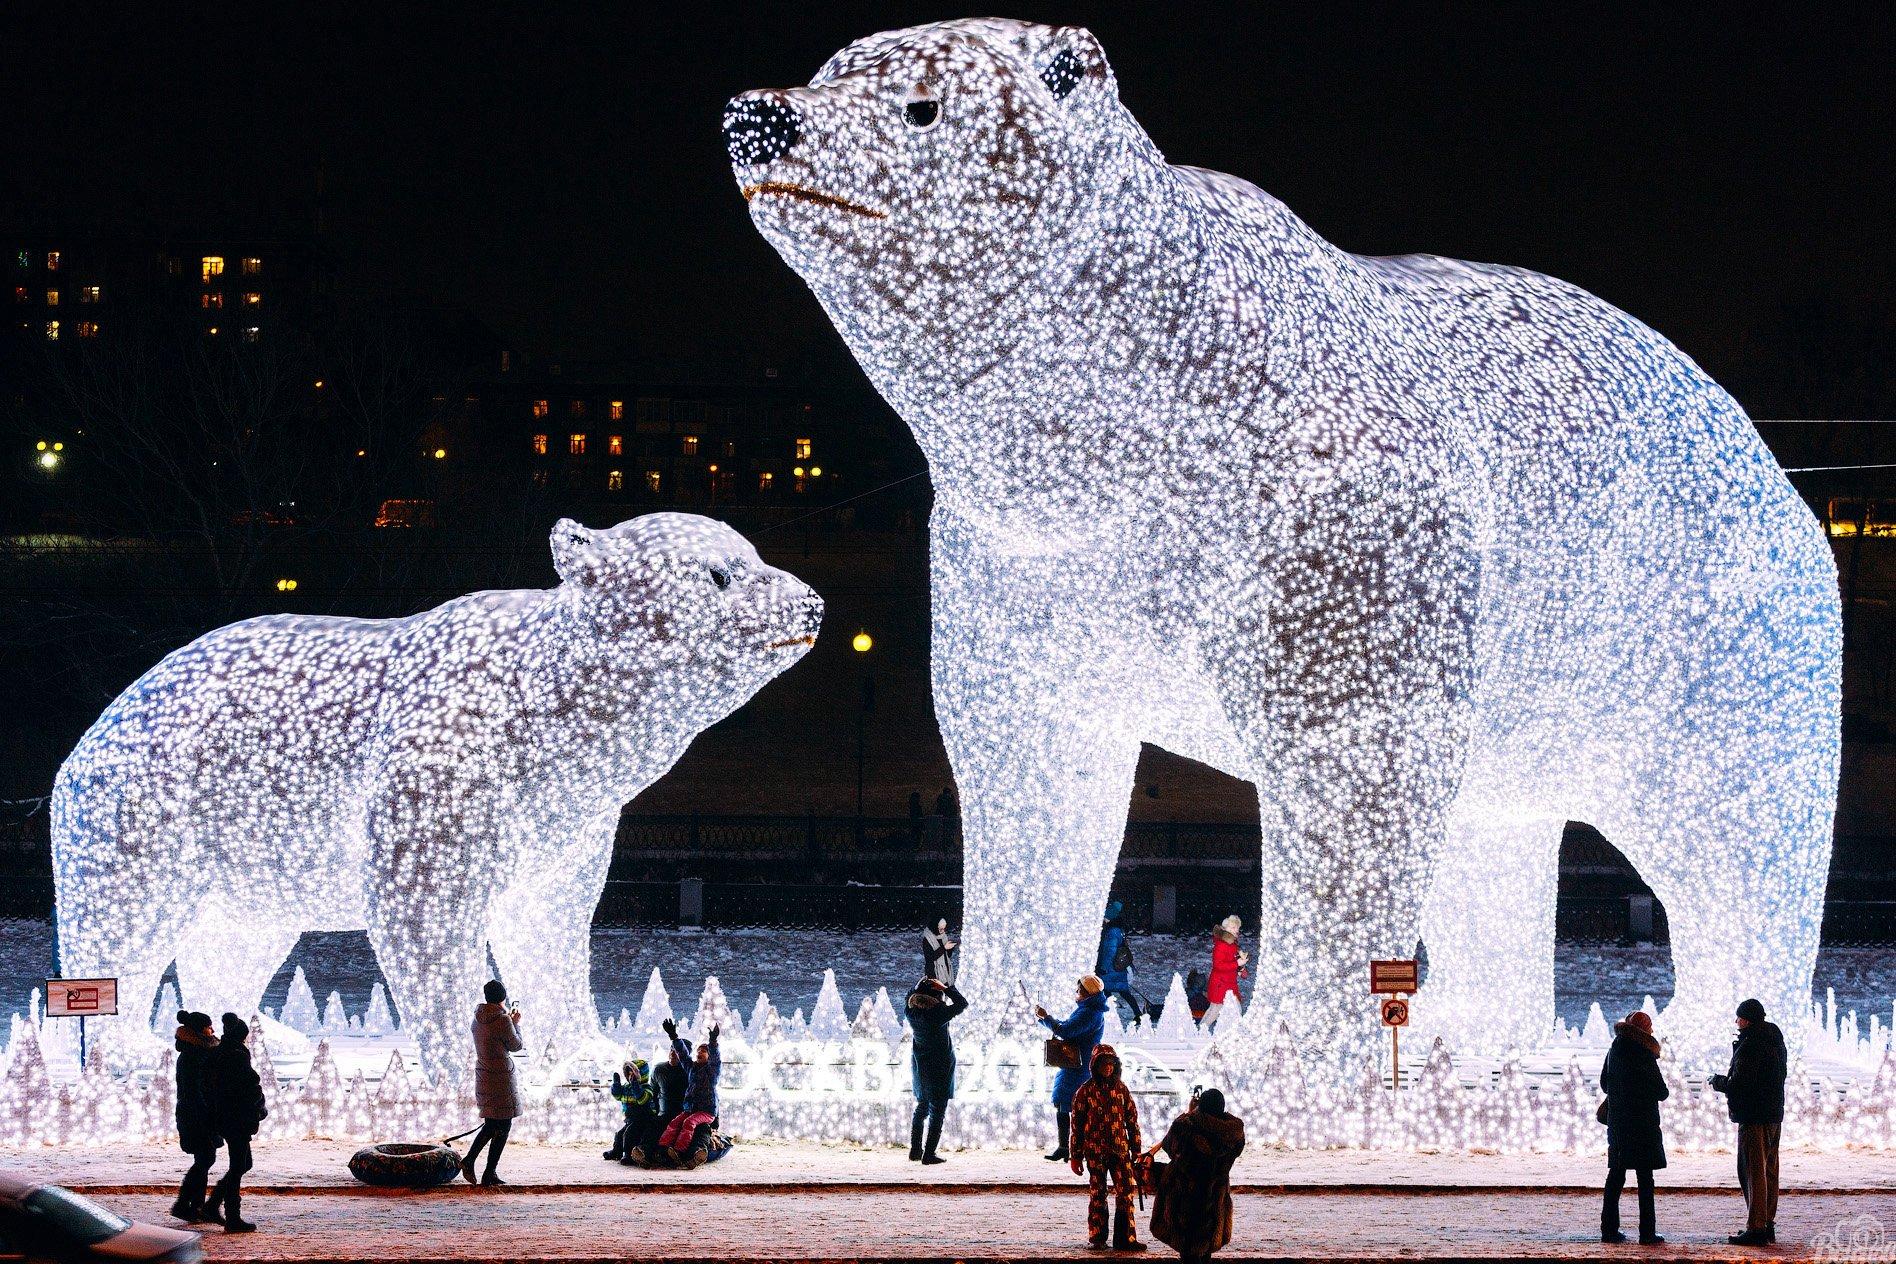 новогодние белые медведи,белые медведи,москва,новый год,оформление,парк акведук,ростокинский акведук,, Вьюнов Сергей